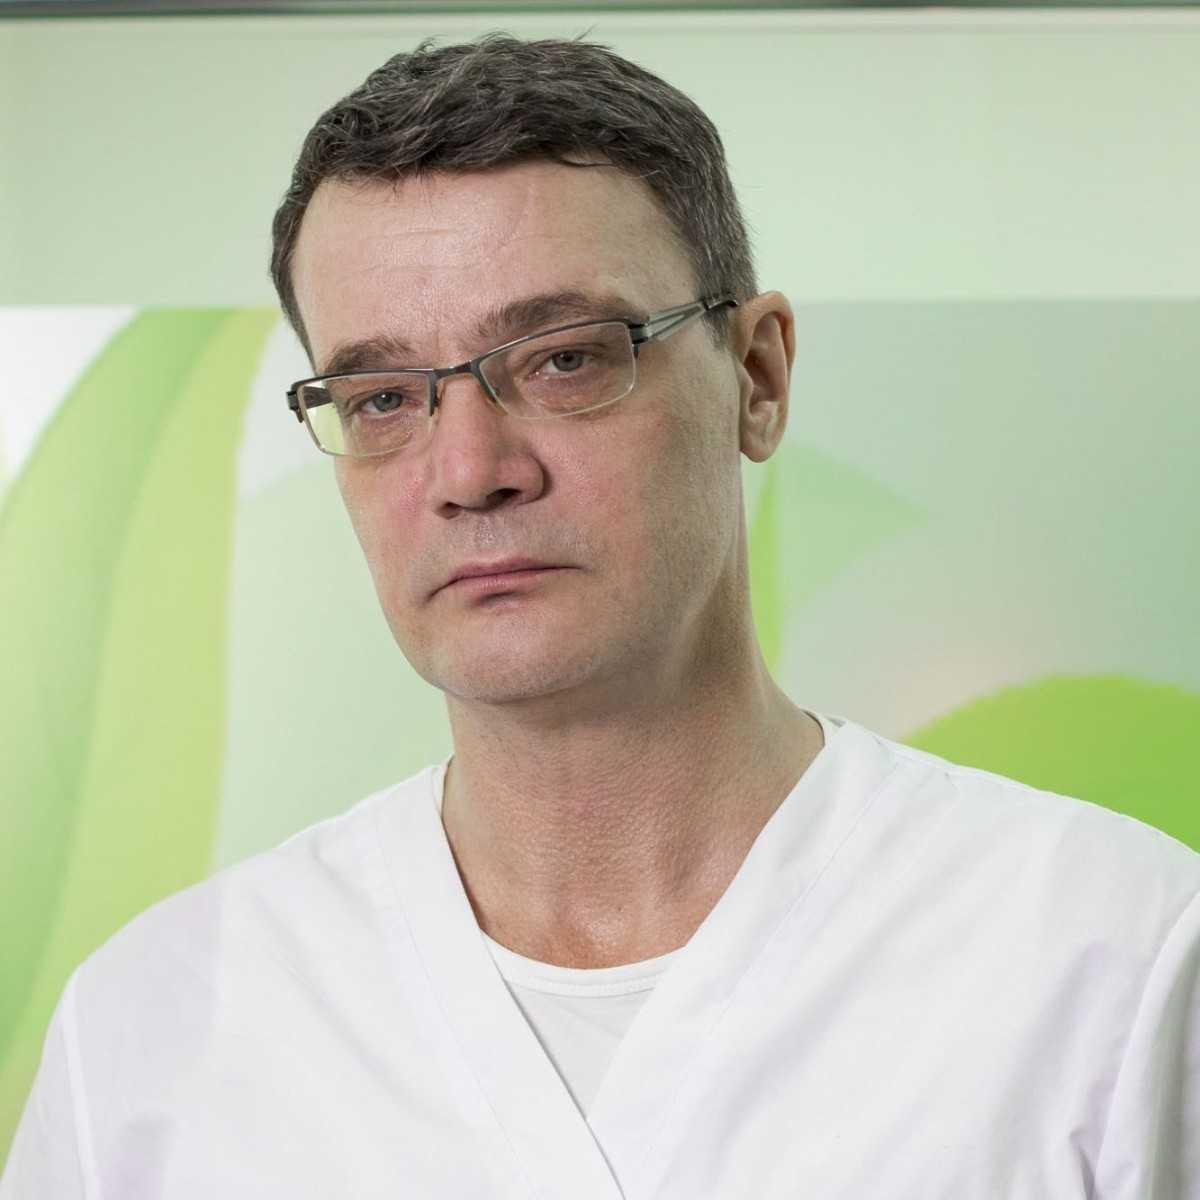 Захаров Дмитрий Витальевич - фотография